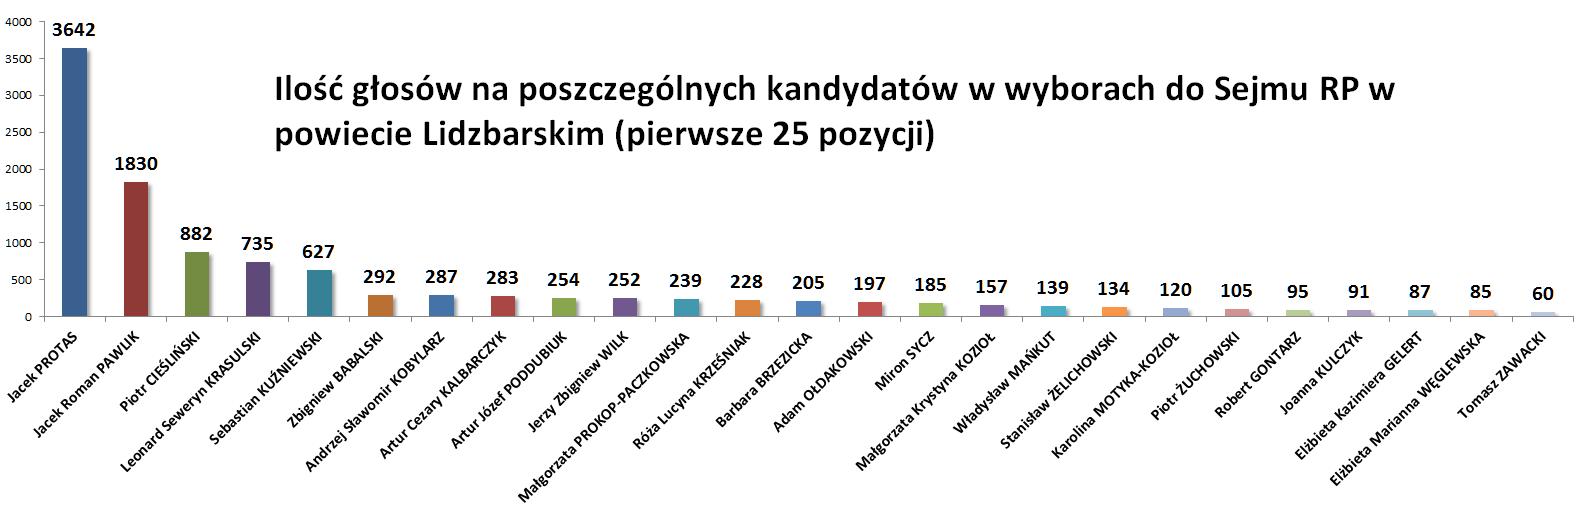 wybory ilość głosów w powiecie